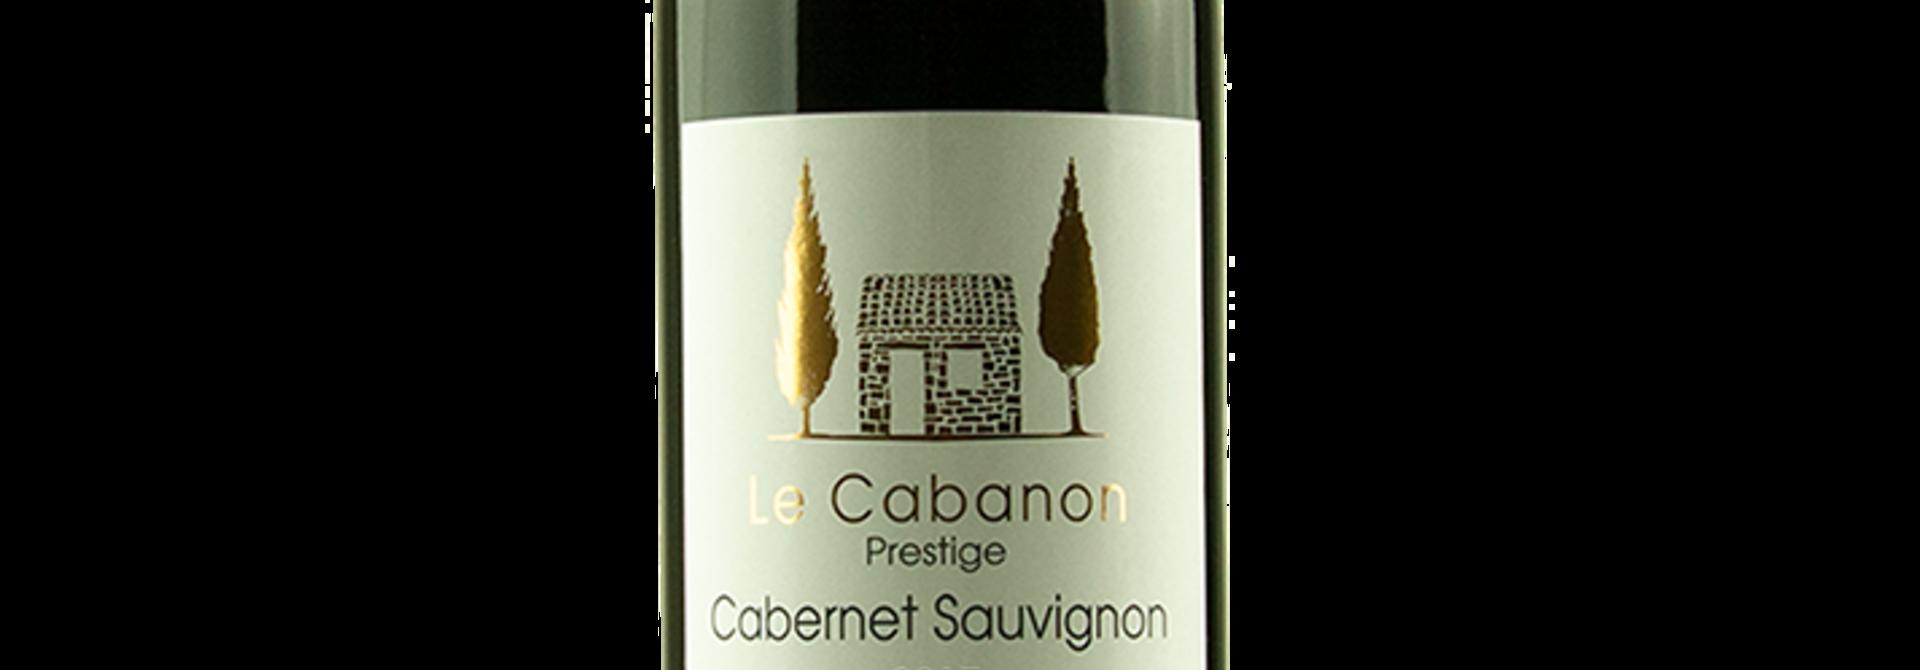 Cabernet Sauvignon Prestige Le Cabanon   2017